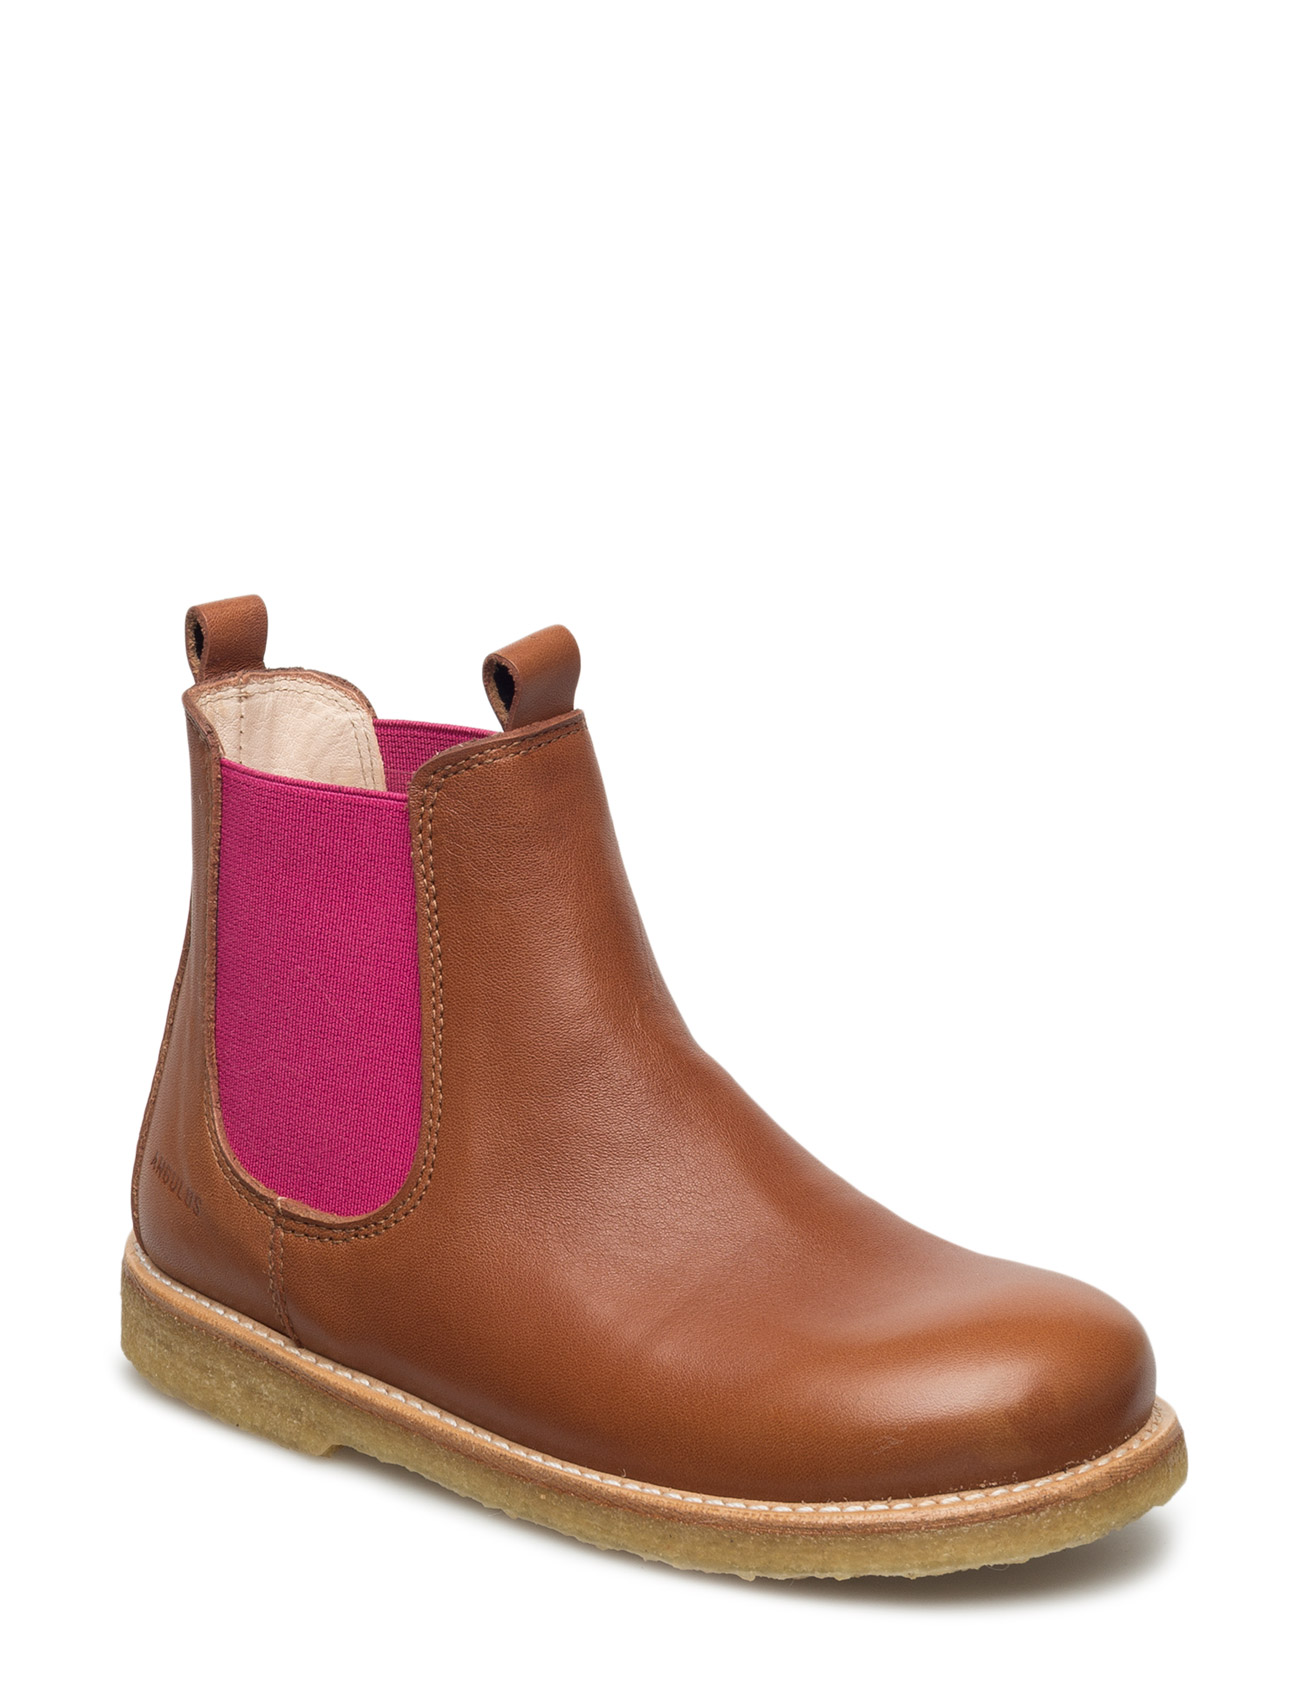 Chelsea Boot ANGULUS Støvler til Børn i